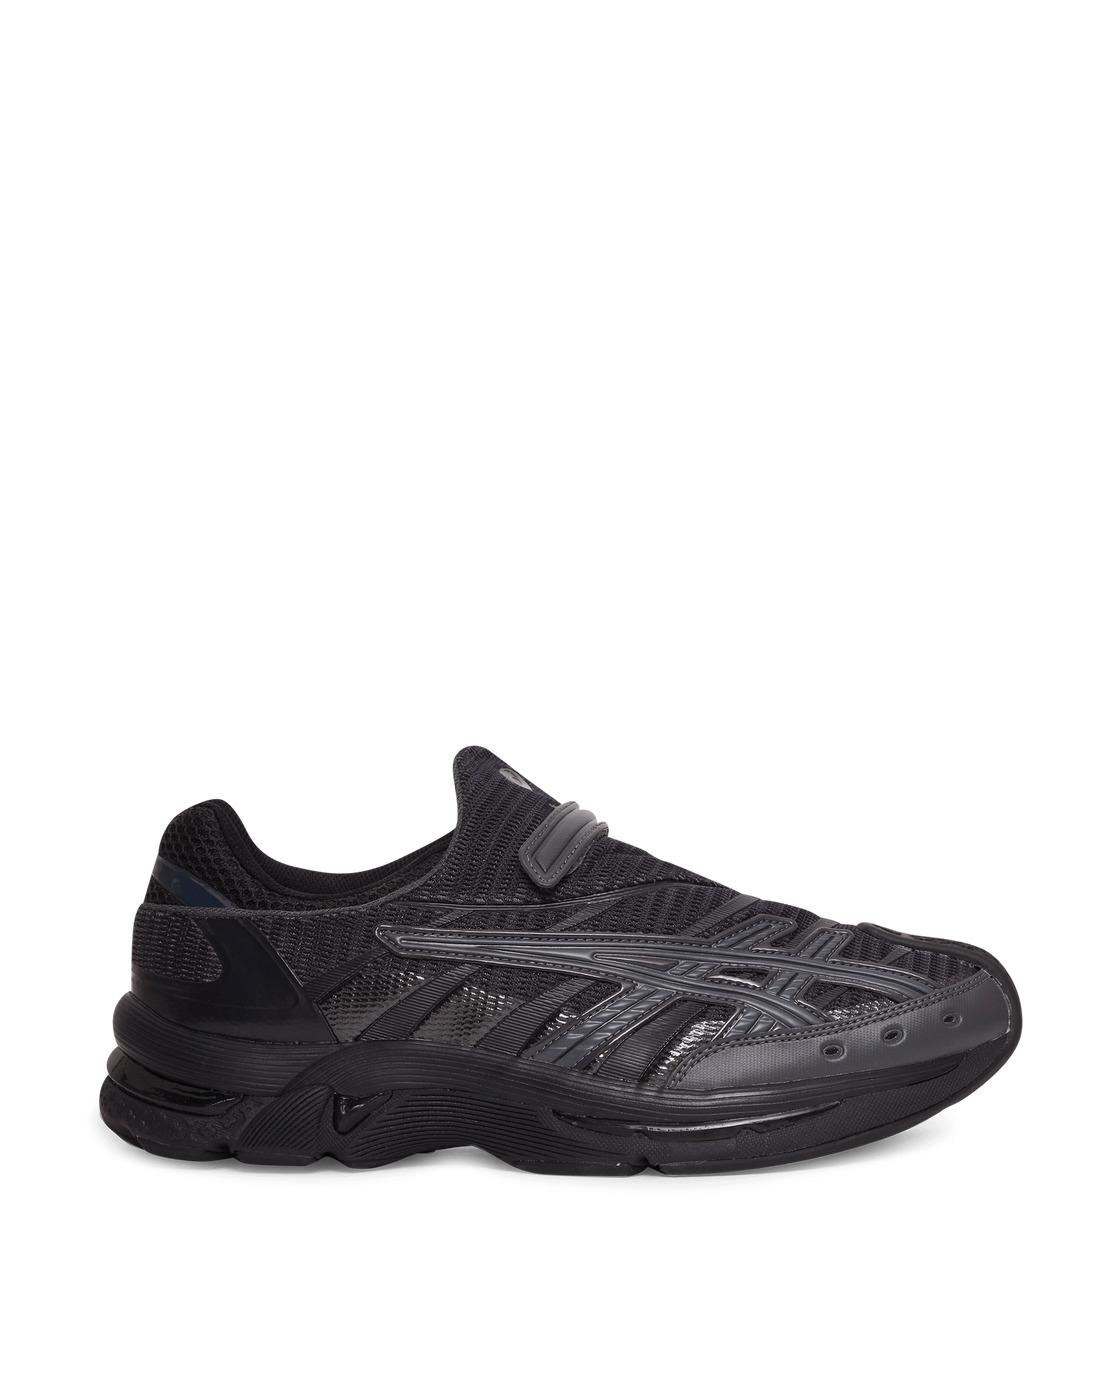 Asics Kiko Kostadinov Gel Kiril Sneakers Graphite Grey